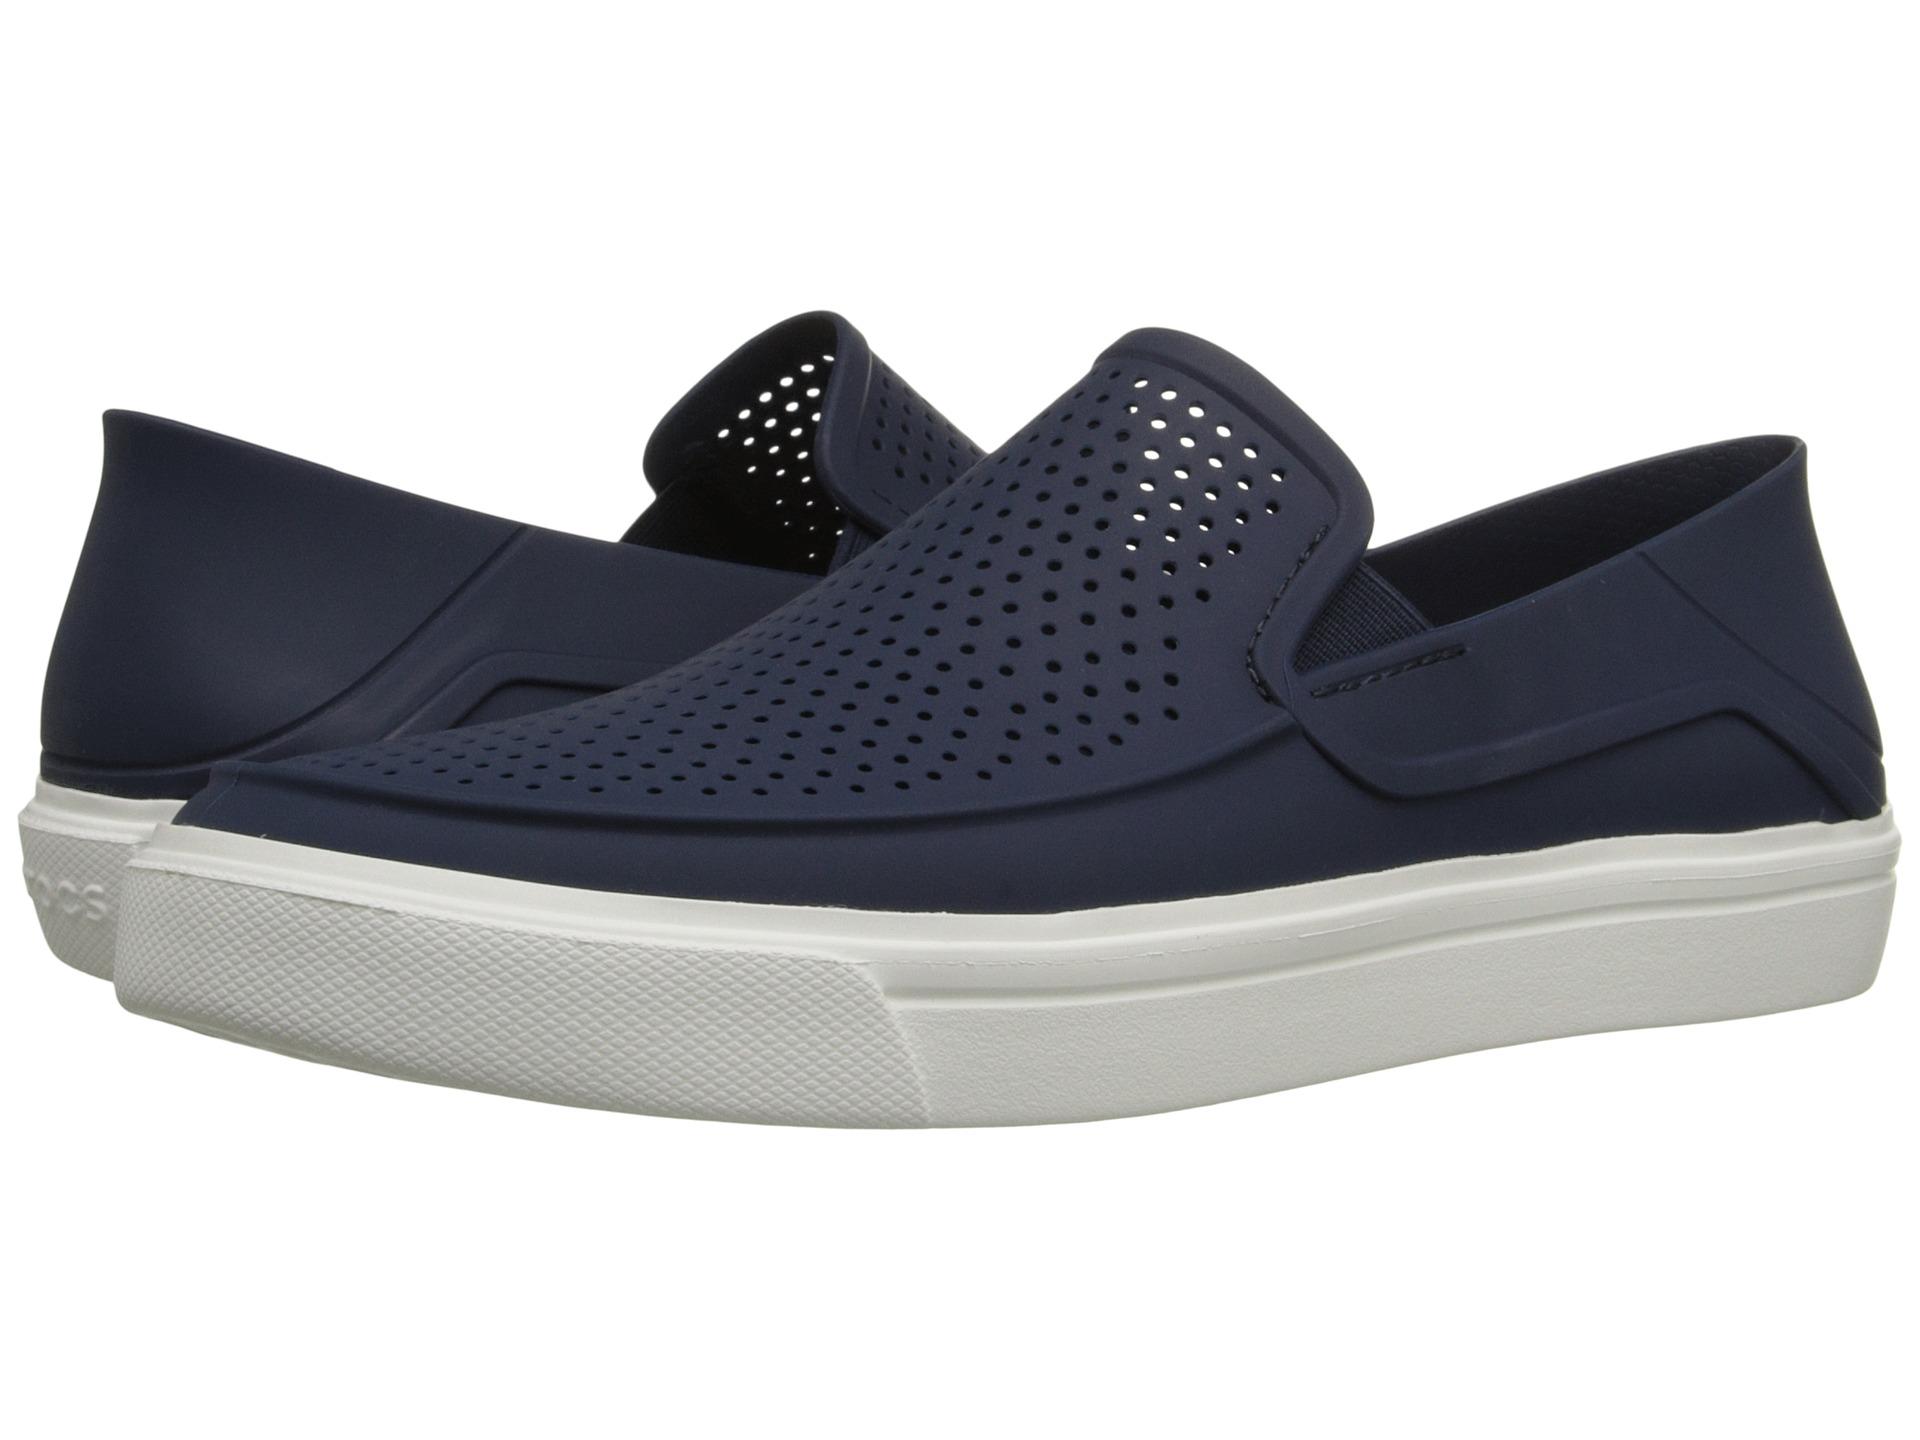 Crocs Citilane Women S Slip On Shoes